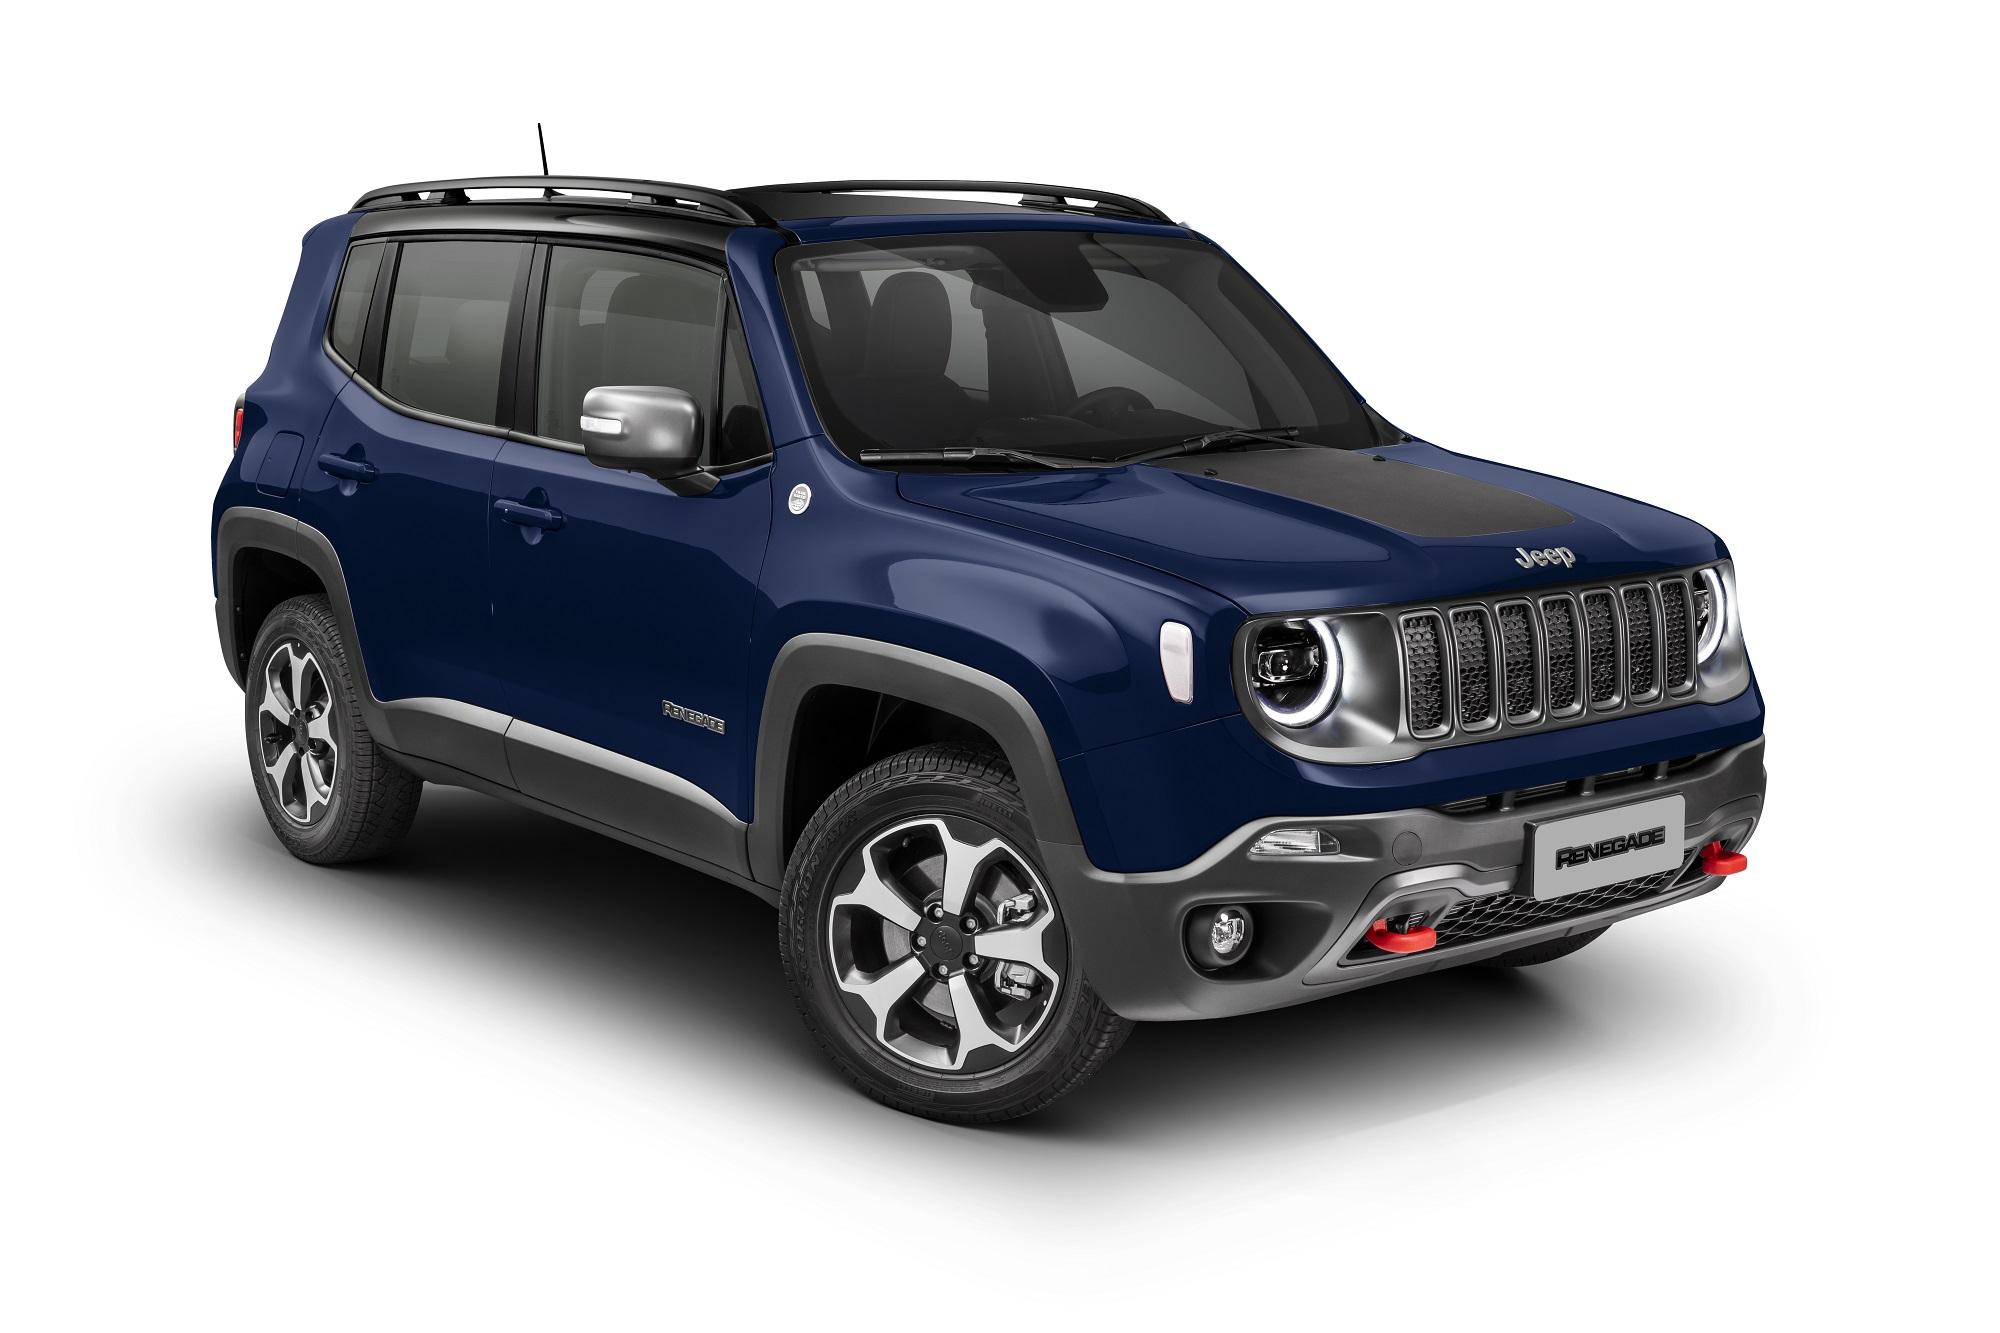 Jeep Renegade Trailhawk Azul em foto de estúdio em fundo branco